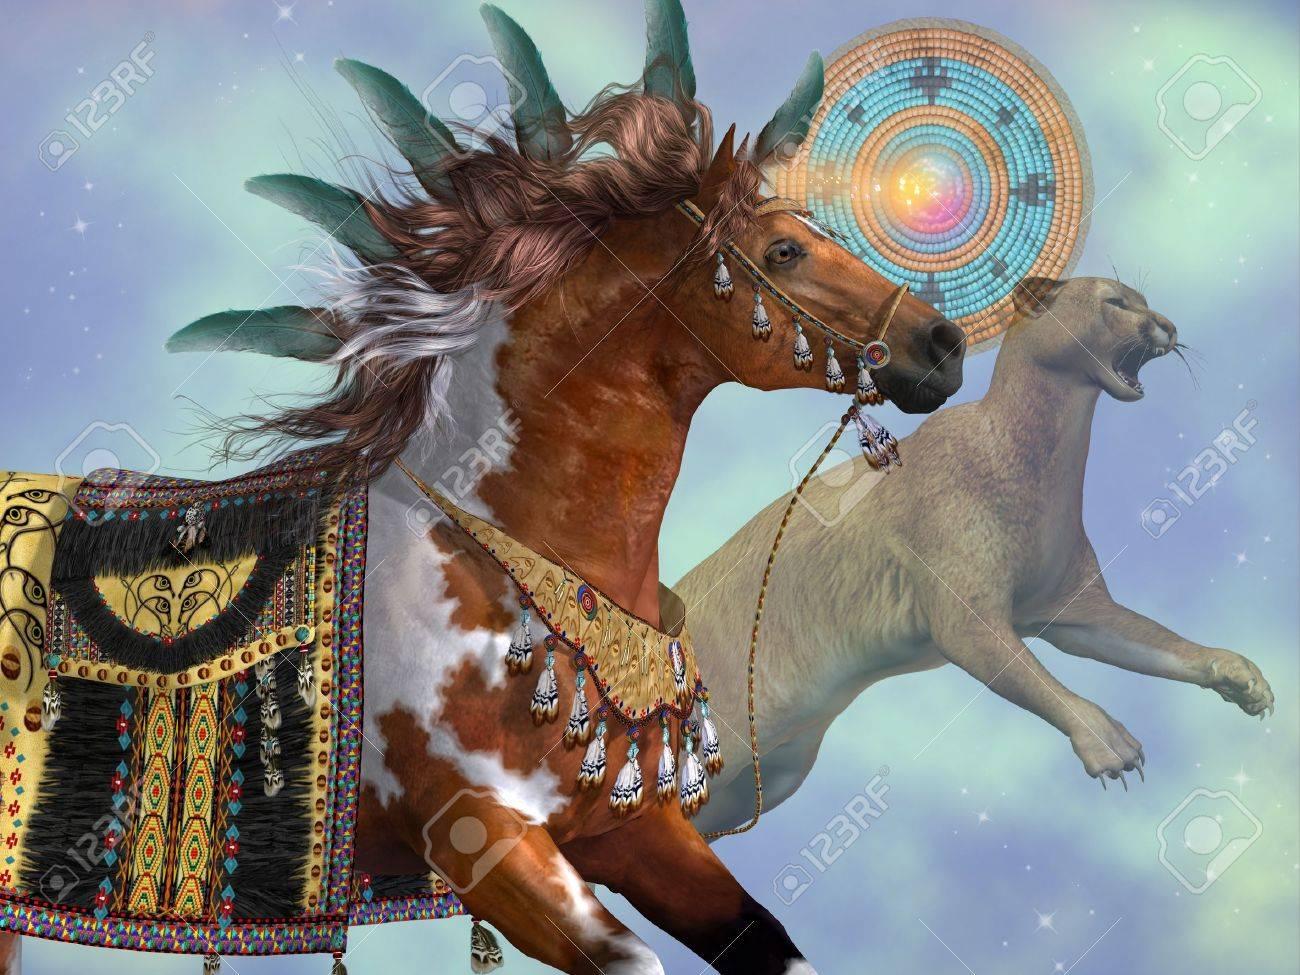 Viva omitir Chorrito  Year Of The Horse Cougar - Un Caballo De La Pintura Y Un Gato Puma Son  Símbolos De La Cultura India Americana Fotos, Retratos, Imágenes Y  Fotografía De Archivo Libres De Derecho.